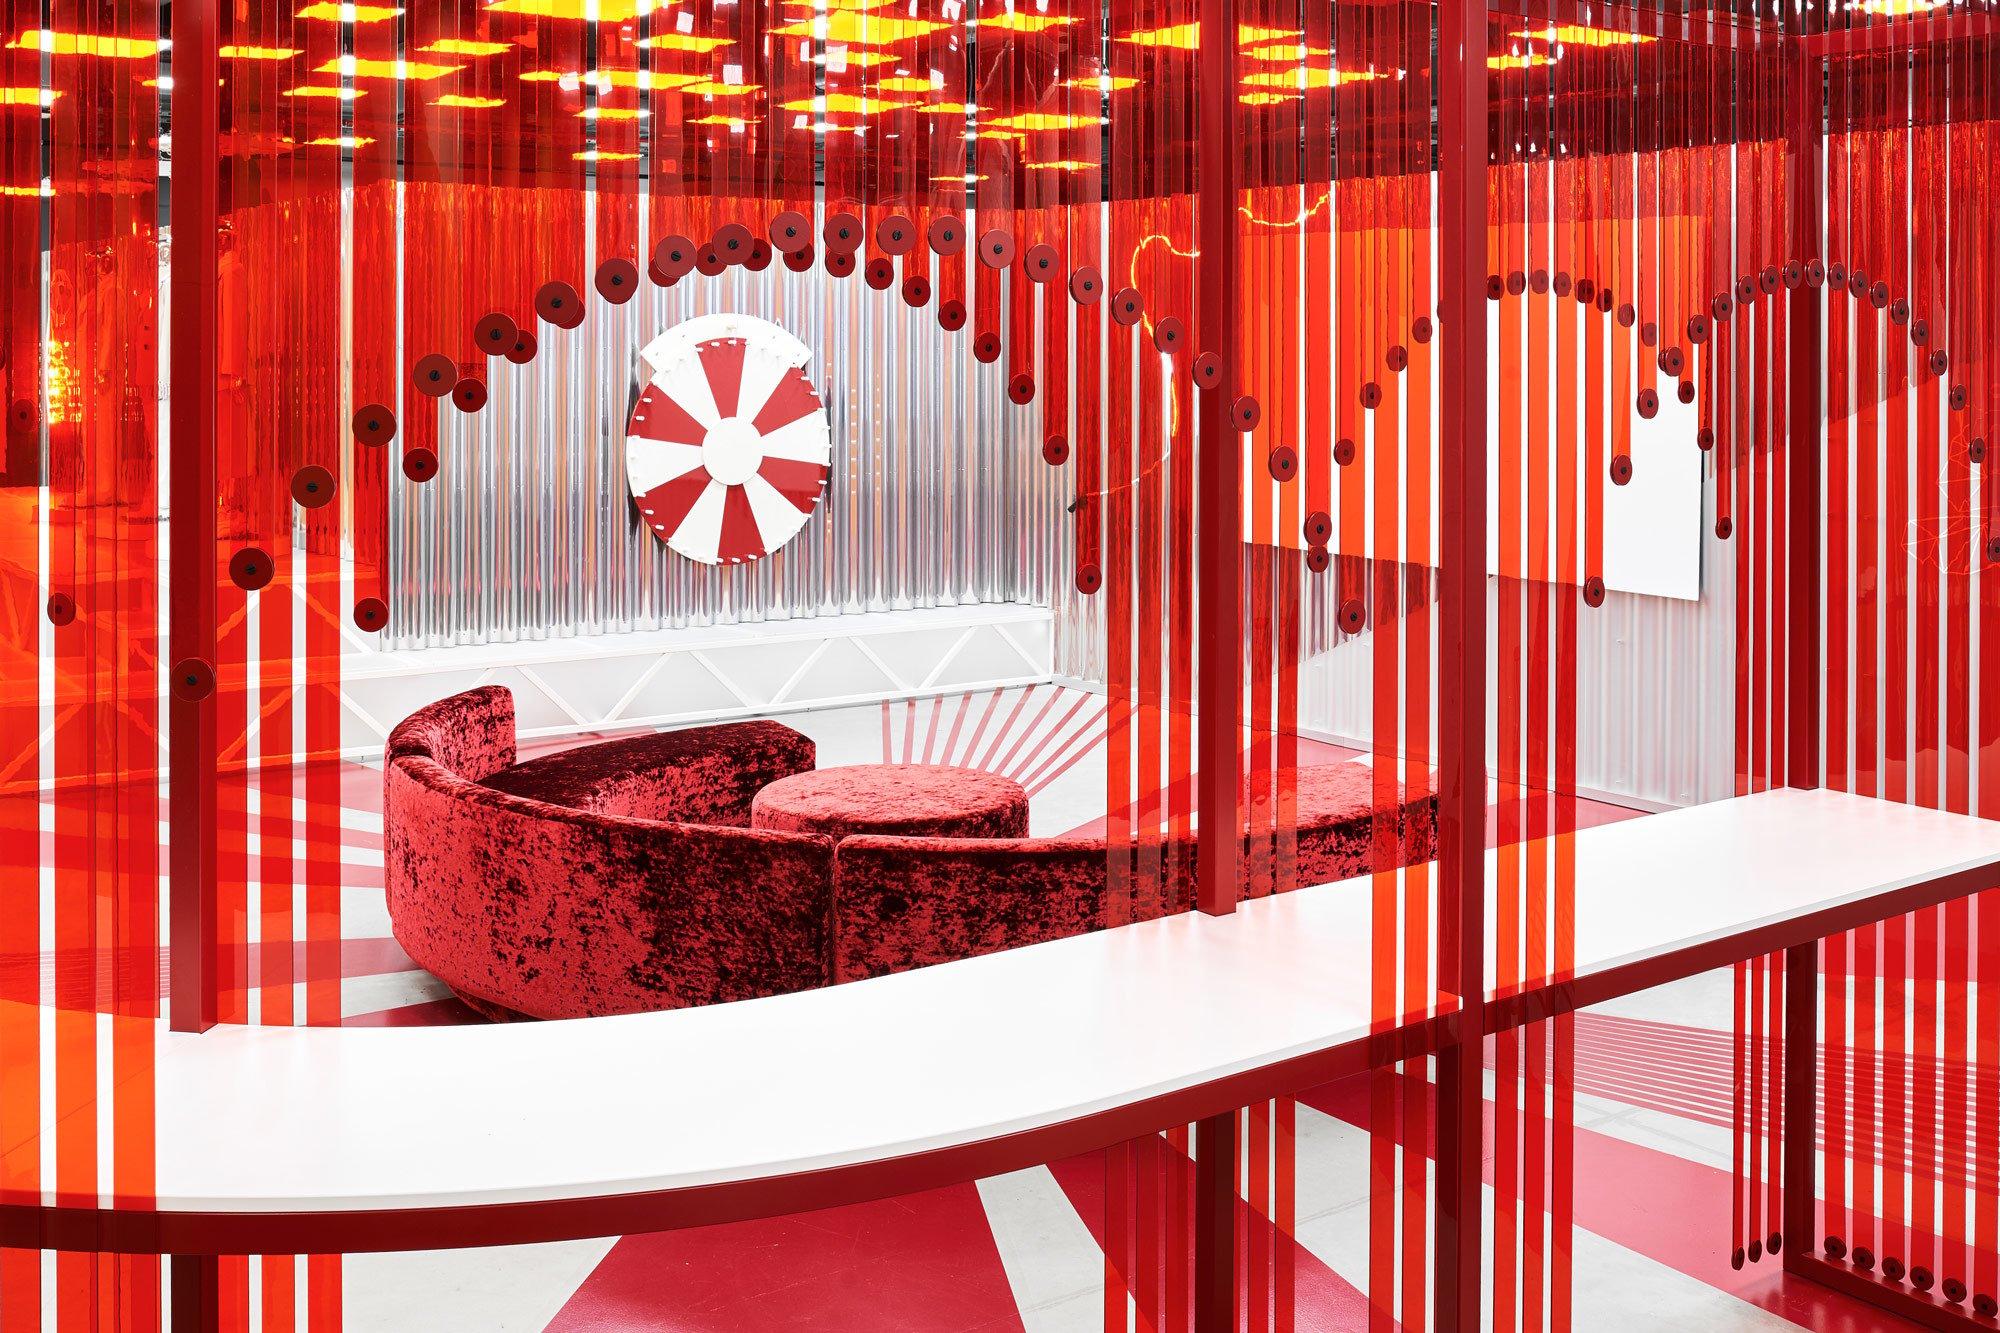 Bürogestaltung von Studio Alexander Fehre